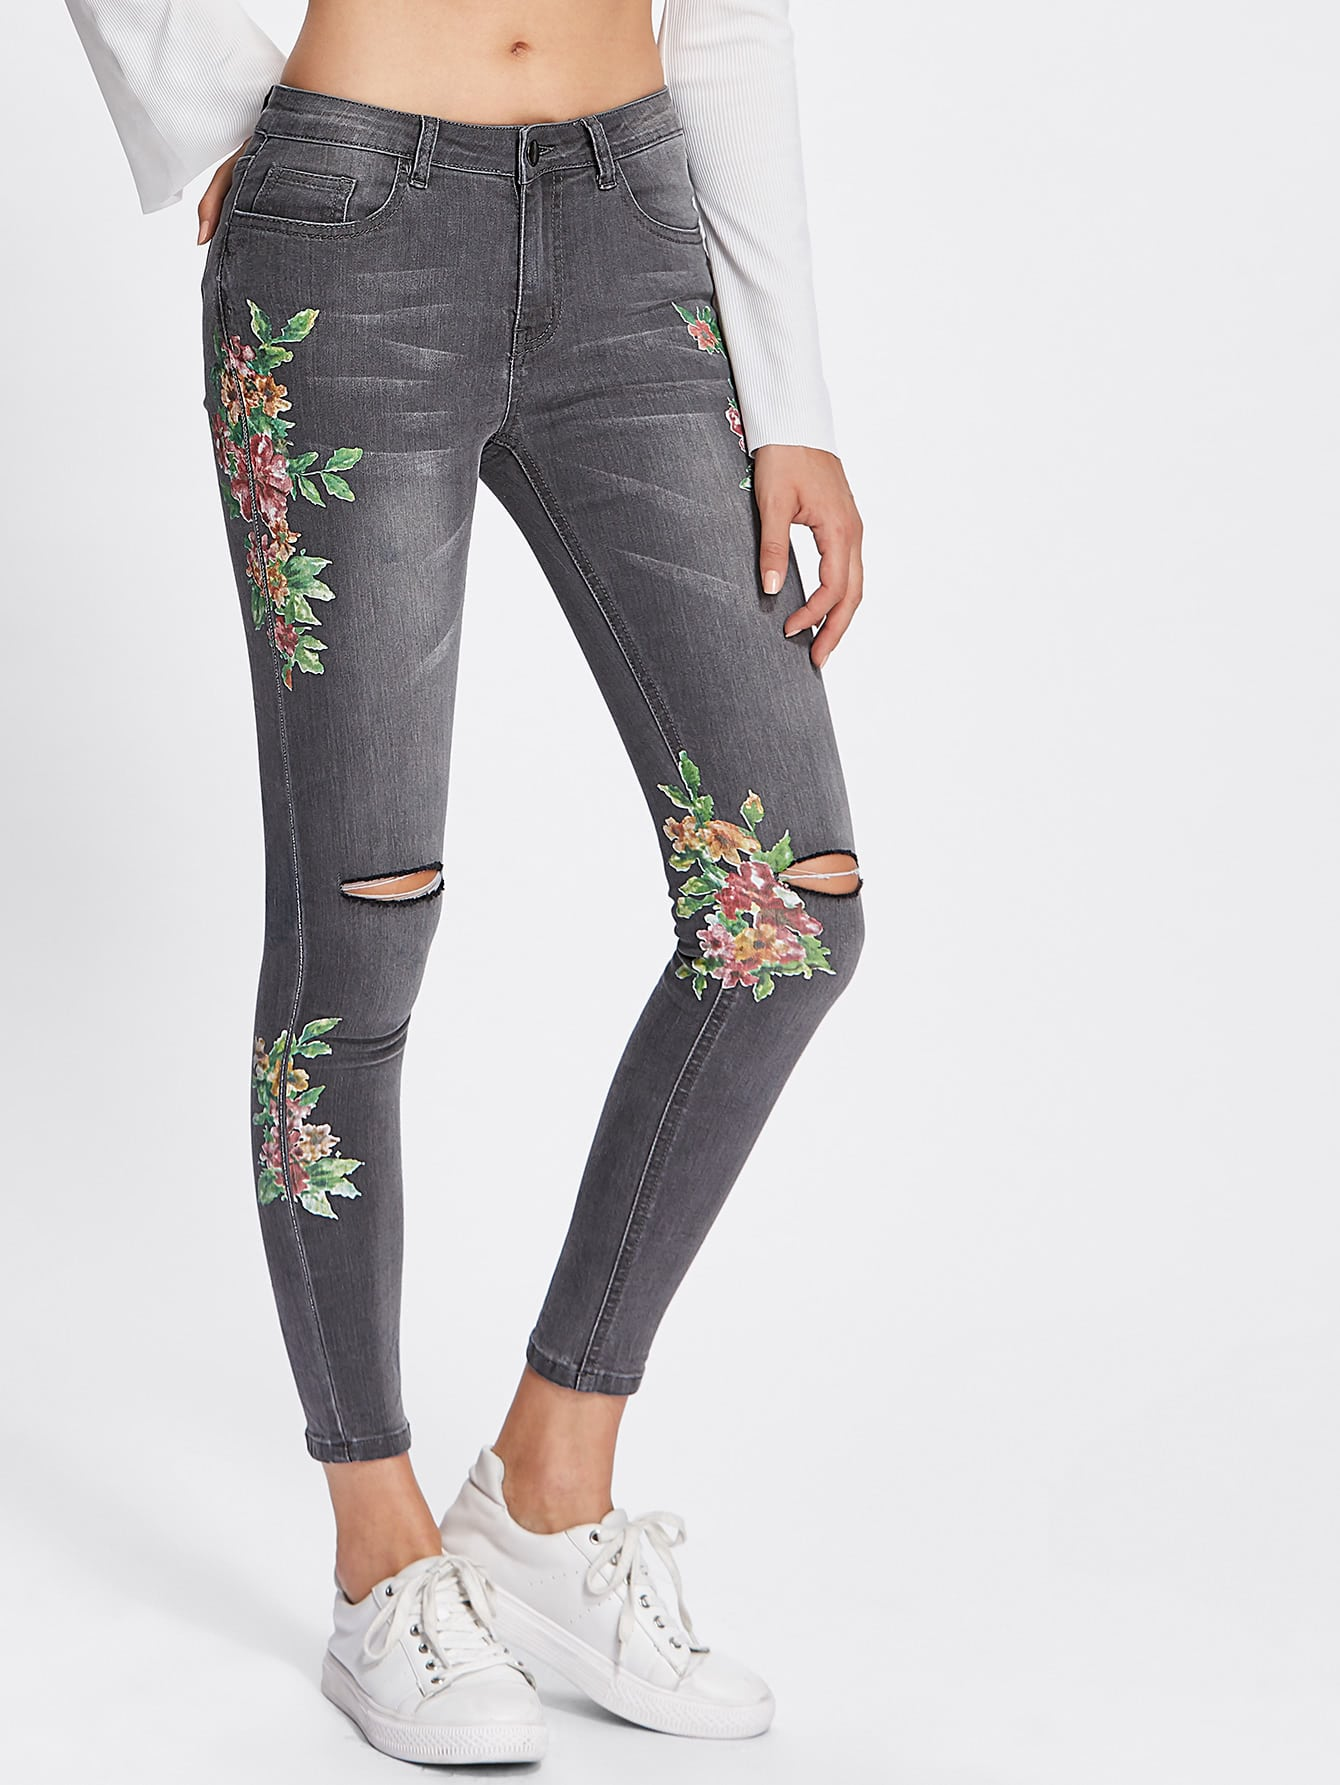 jeans zerrissen flicken super jeans in dieser saison. Black Bedroom Furniture Sets. Home Design Ideas